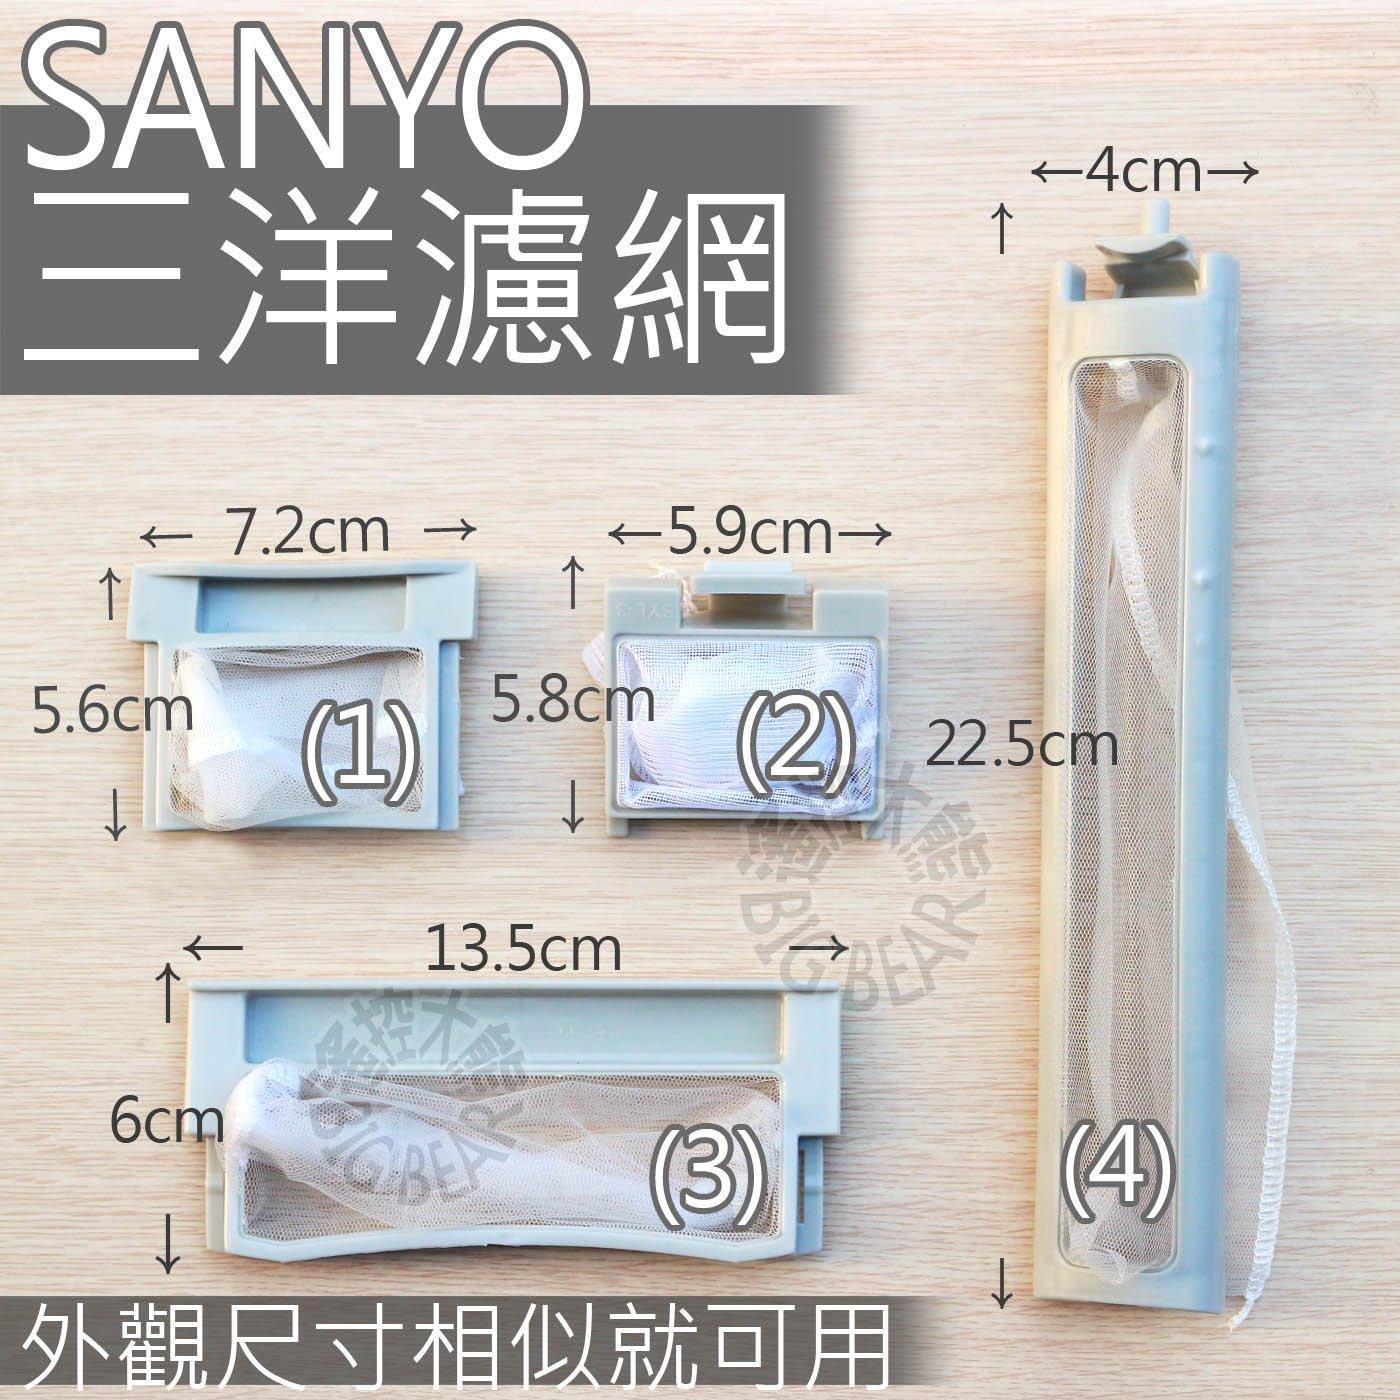 【2個郵寄$100】SANYO 三洋洗衣機濾網棉絮過濾網過濾網